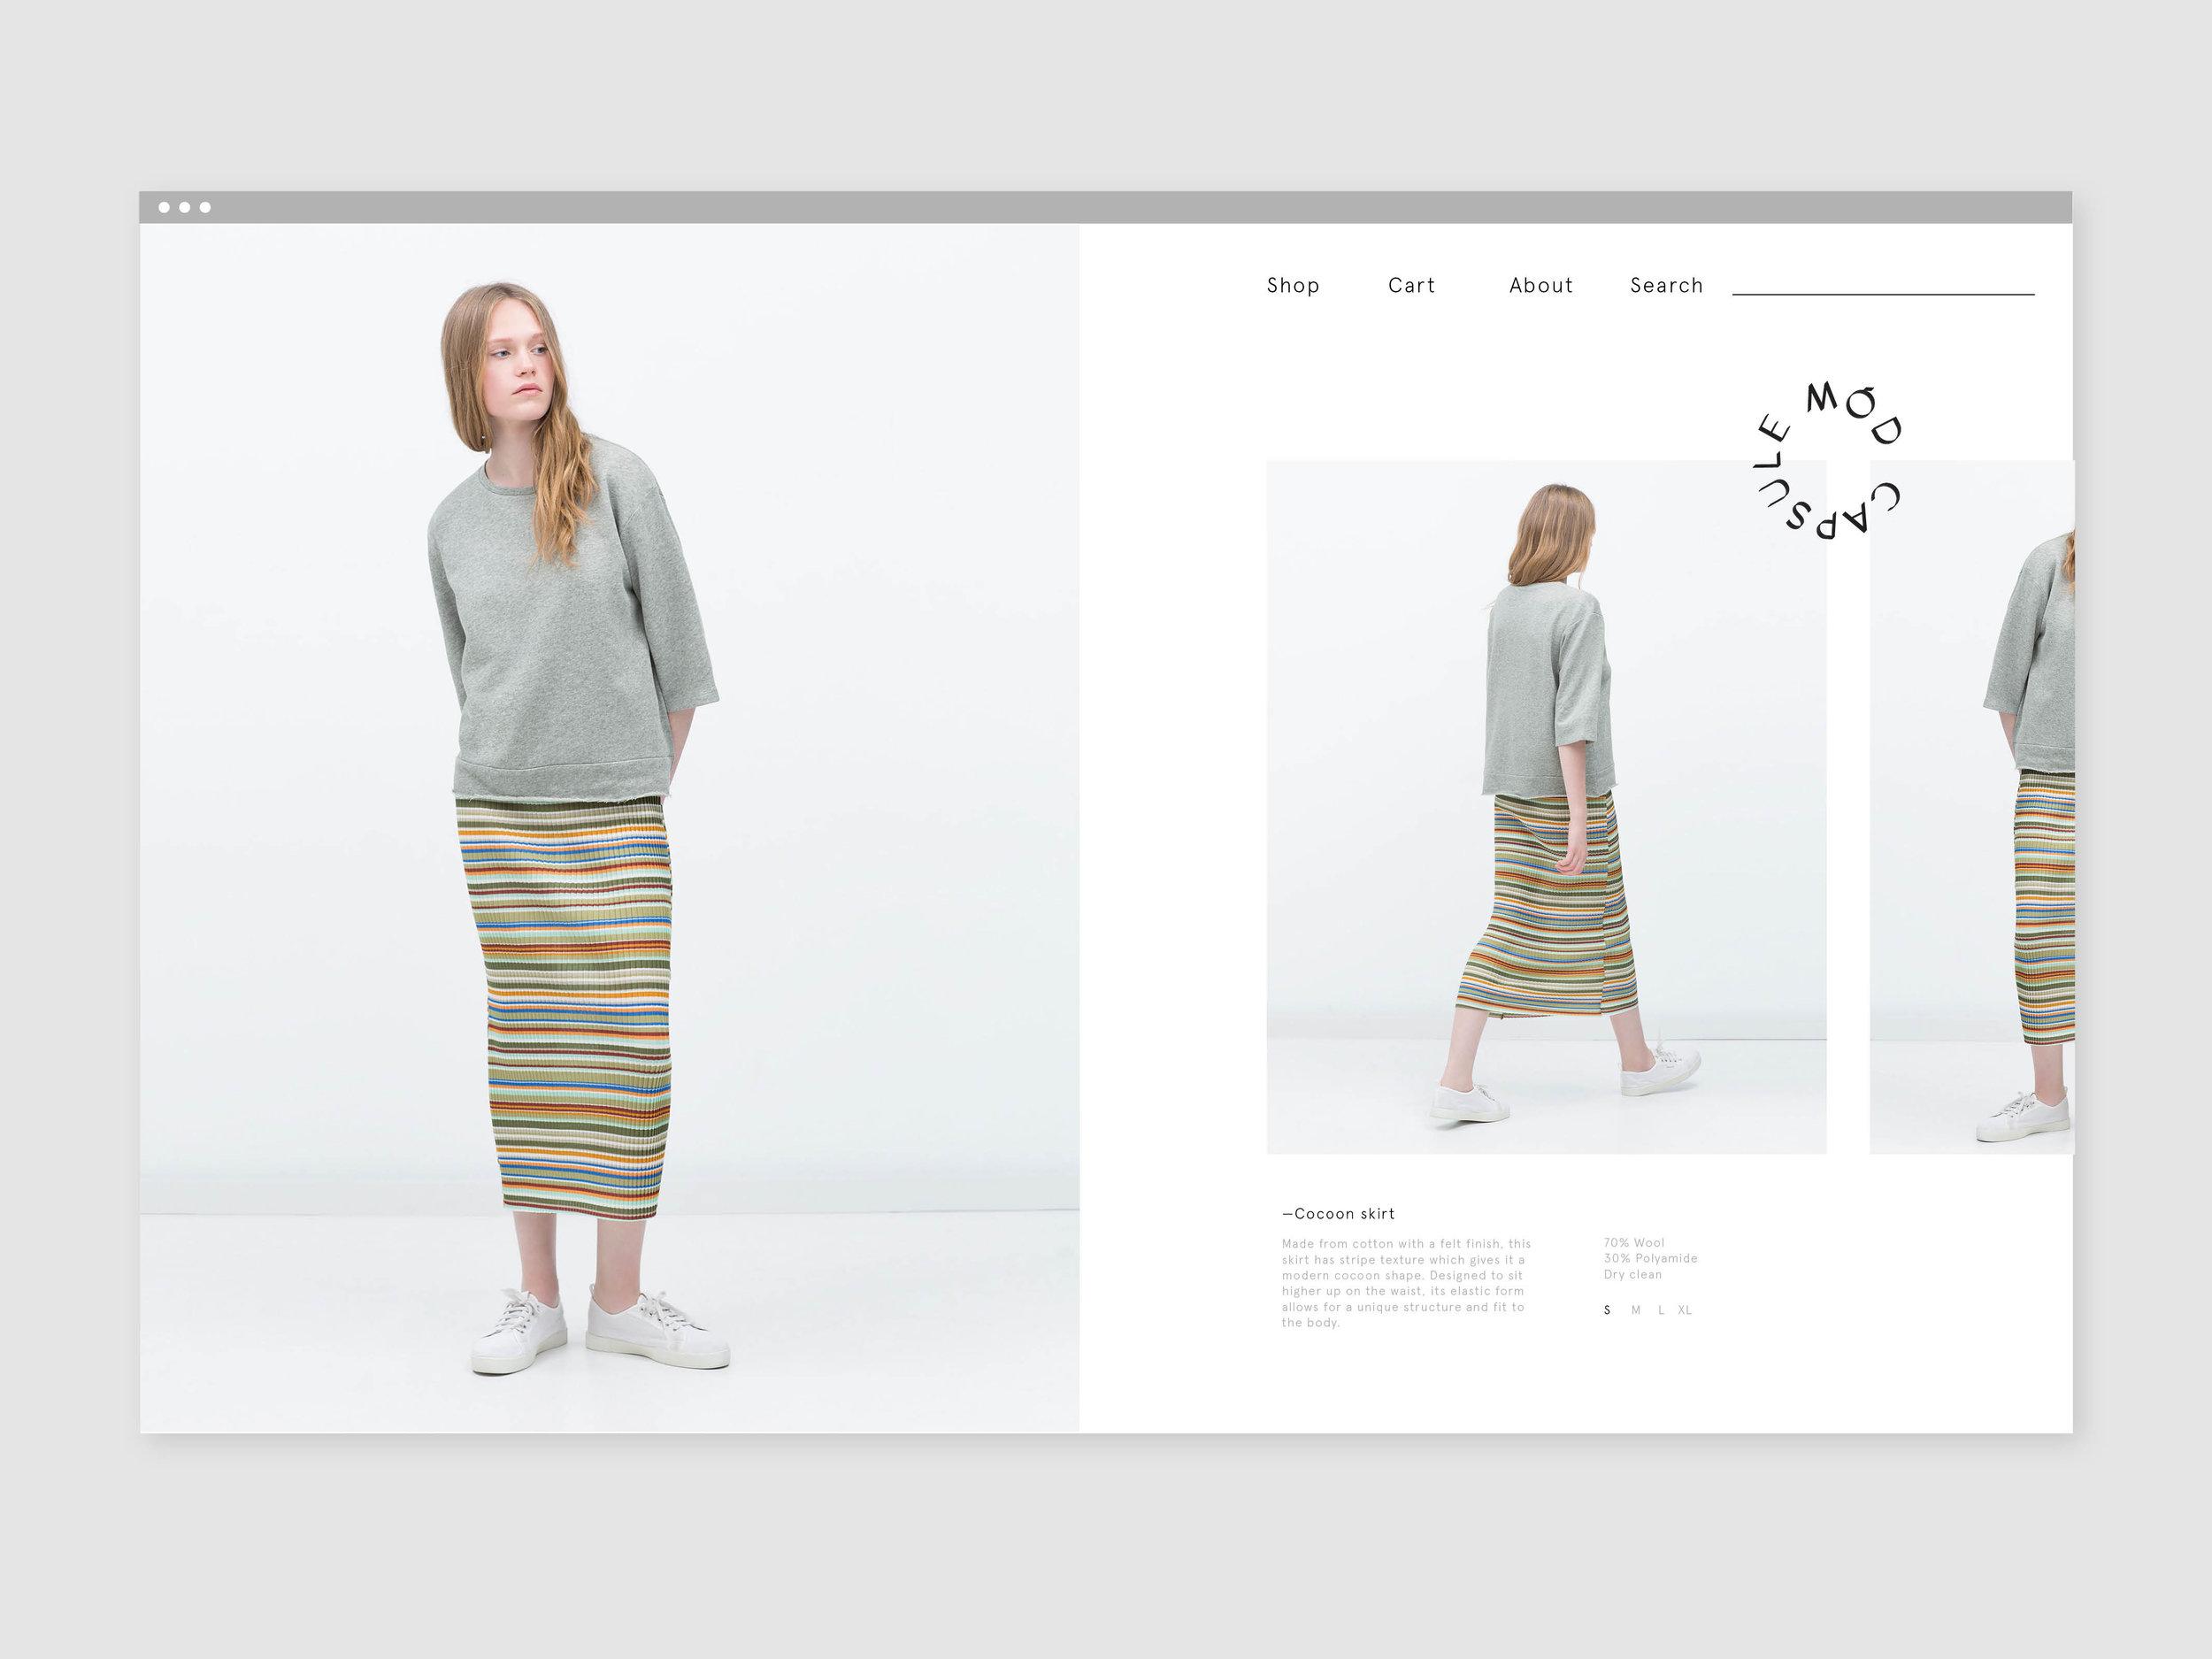 Capsule_Mod_Wardrobe_Fashion_Capsule Wardrobe_Web Design_3